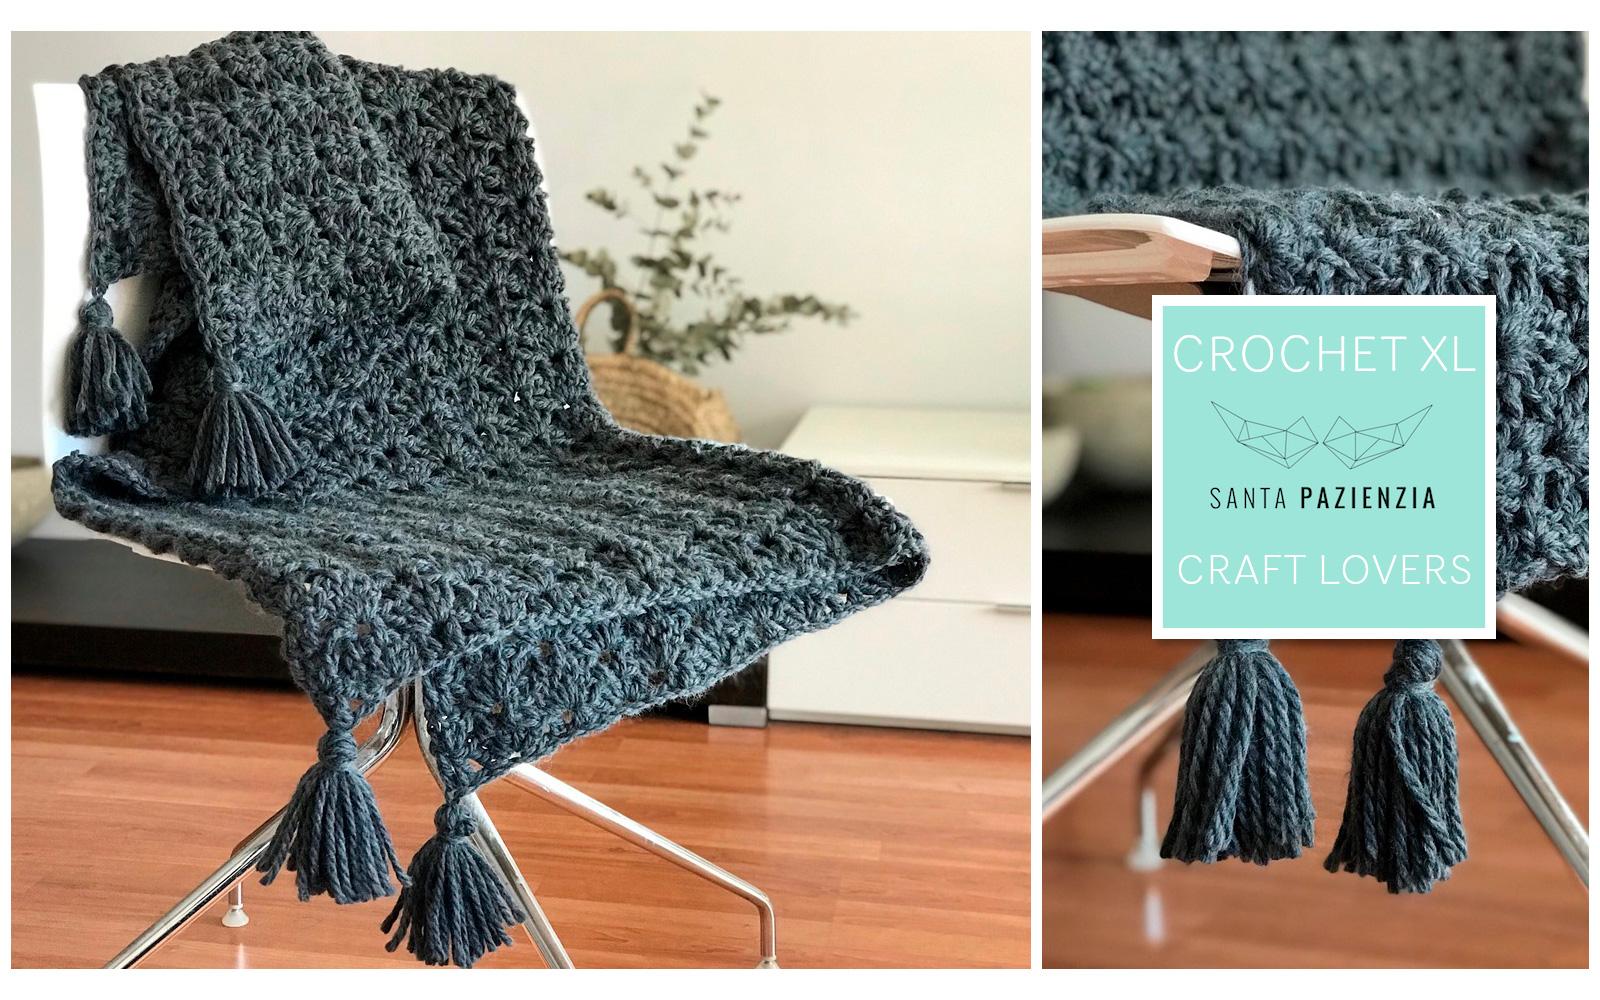 Crochet XL con Santa Pazienzia: Haz a ganchillo una preciosa manta